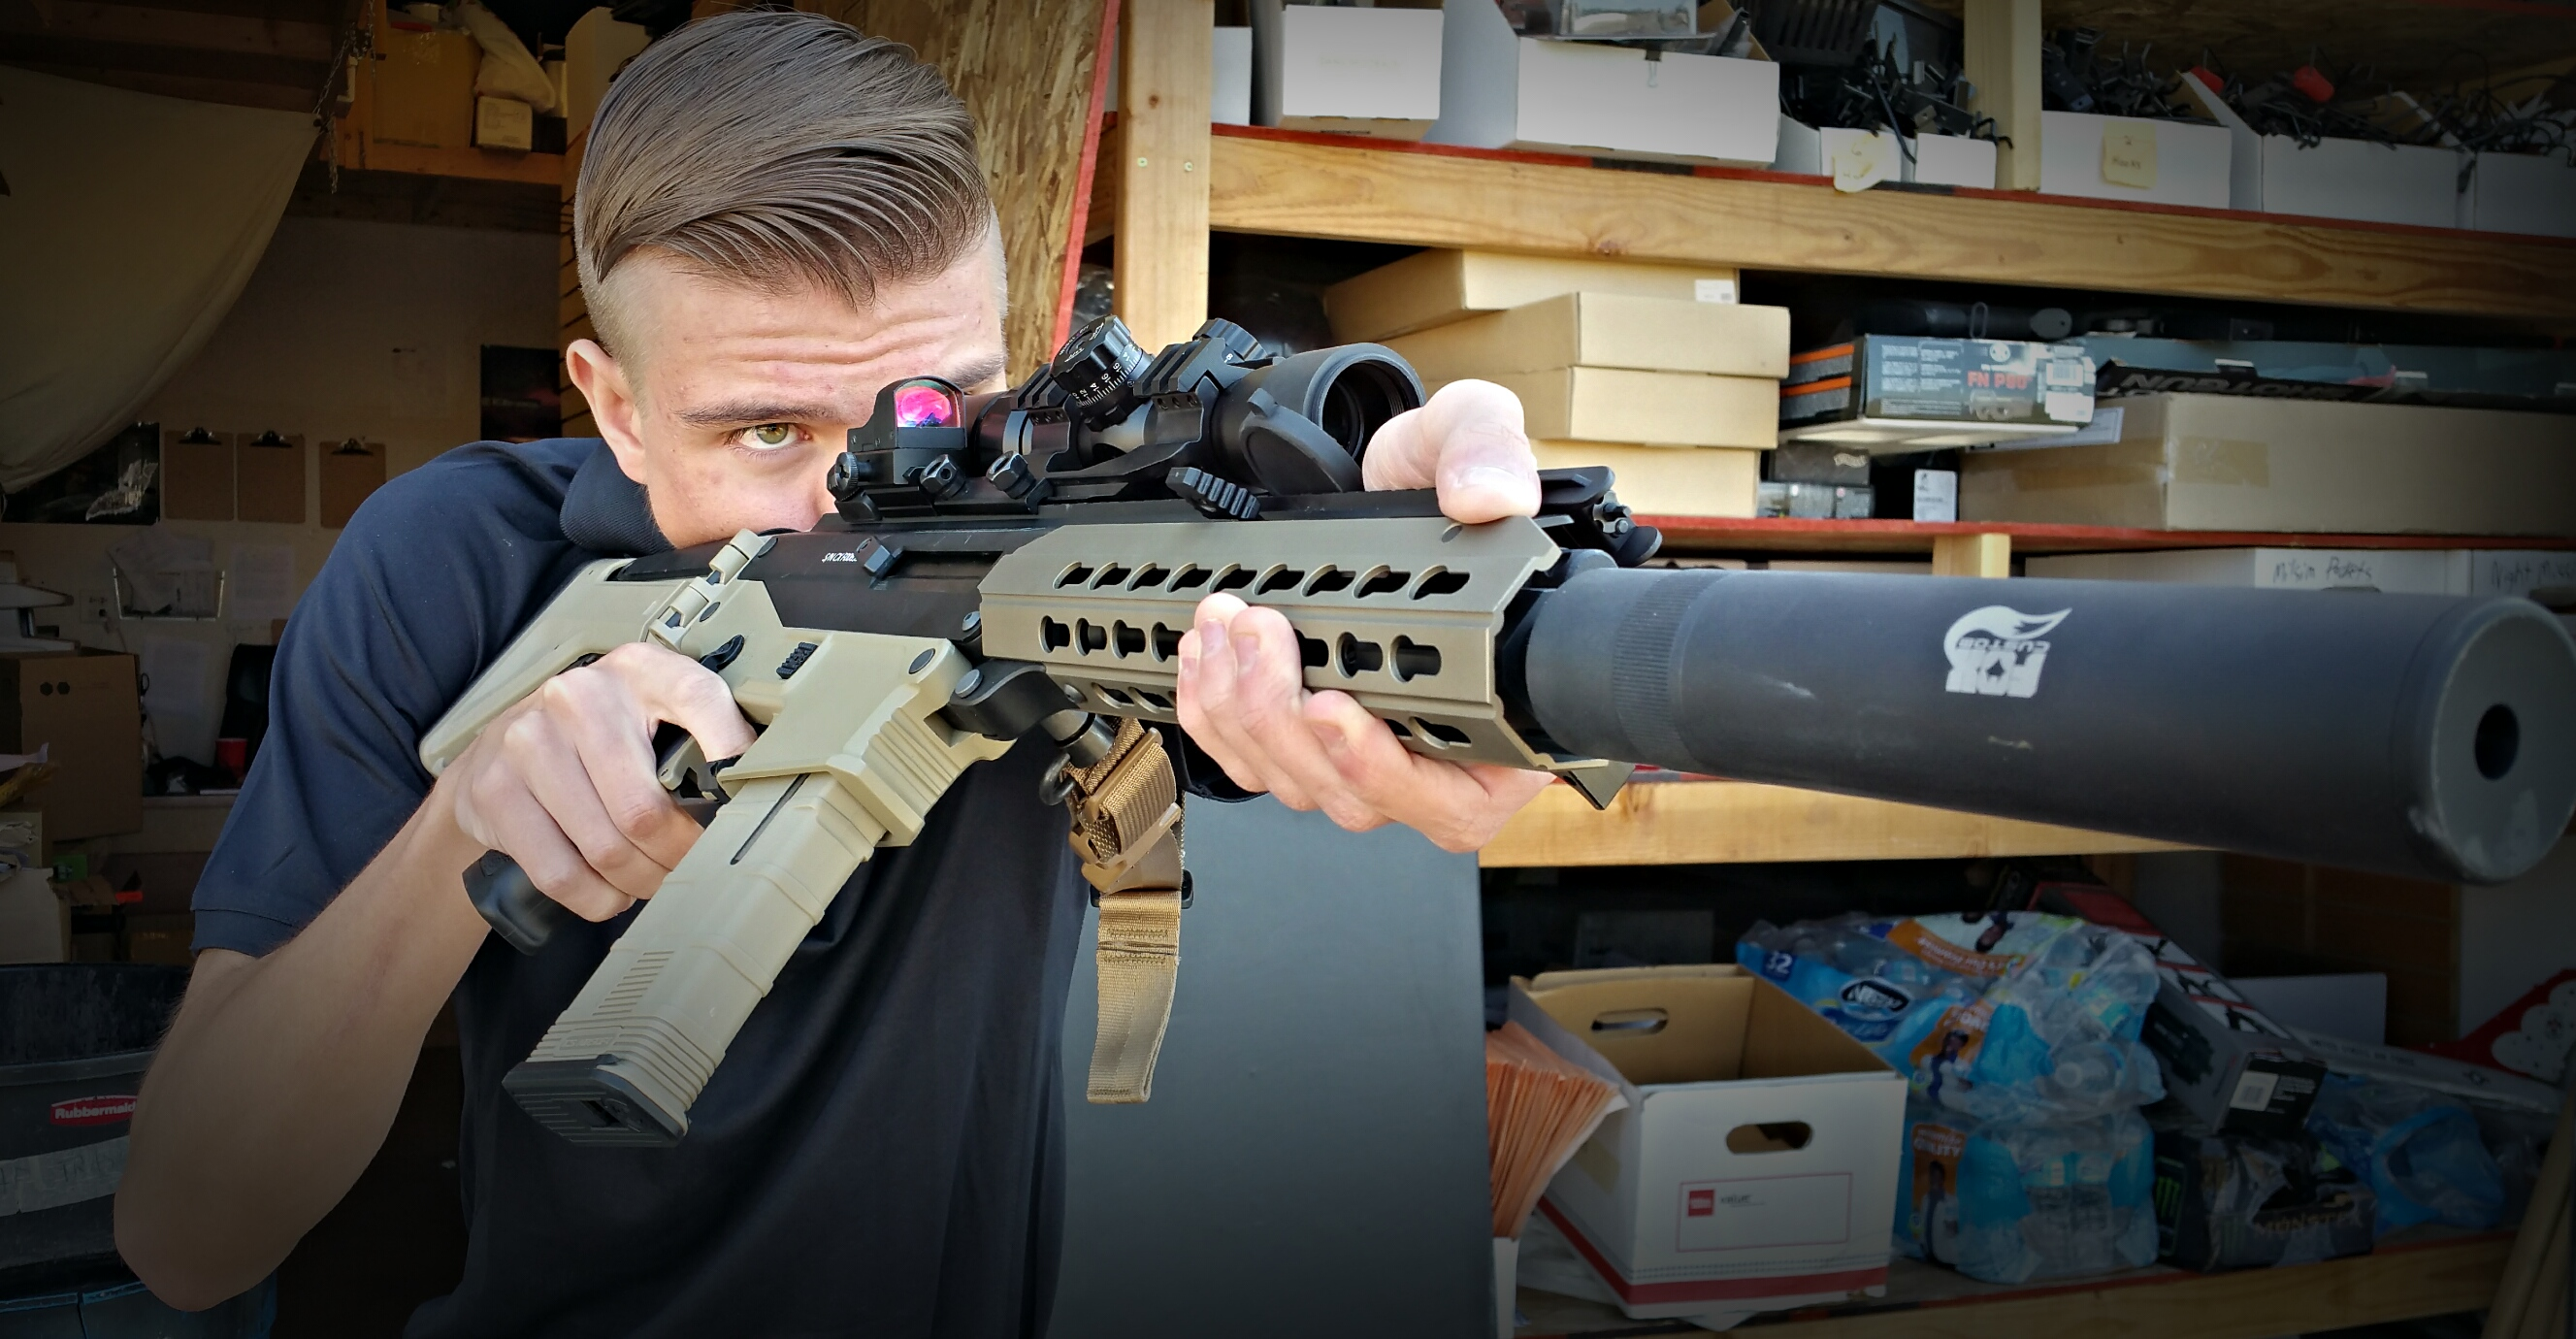 Ics Cxp Ape Airsoft Gun Review Fox Airsoft Llc